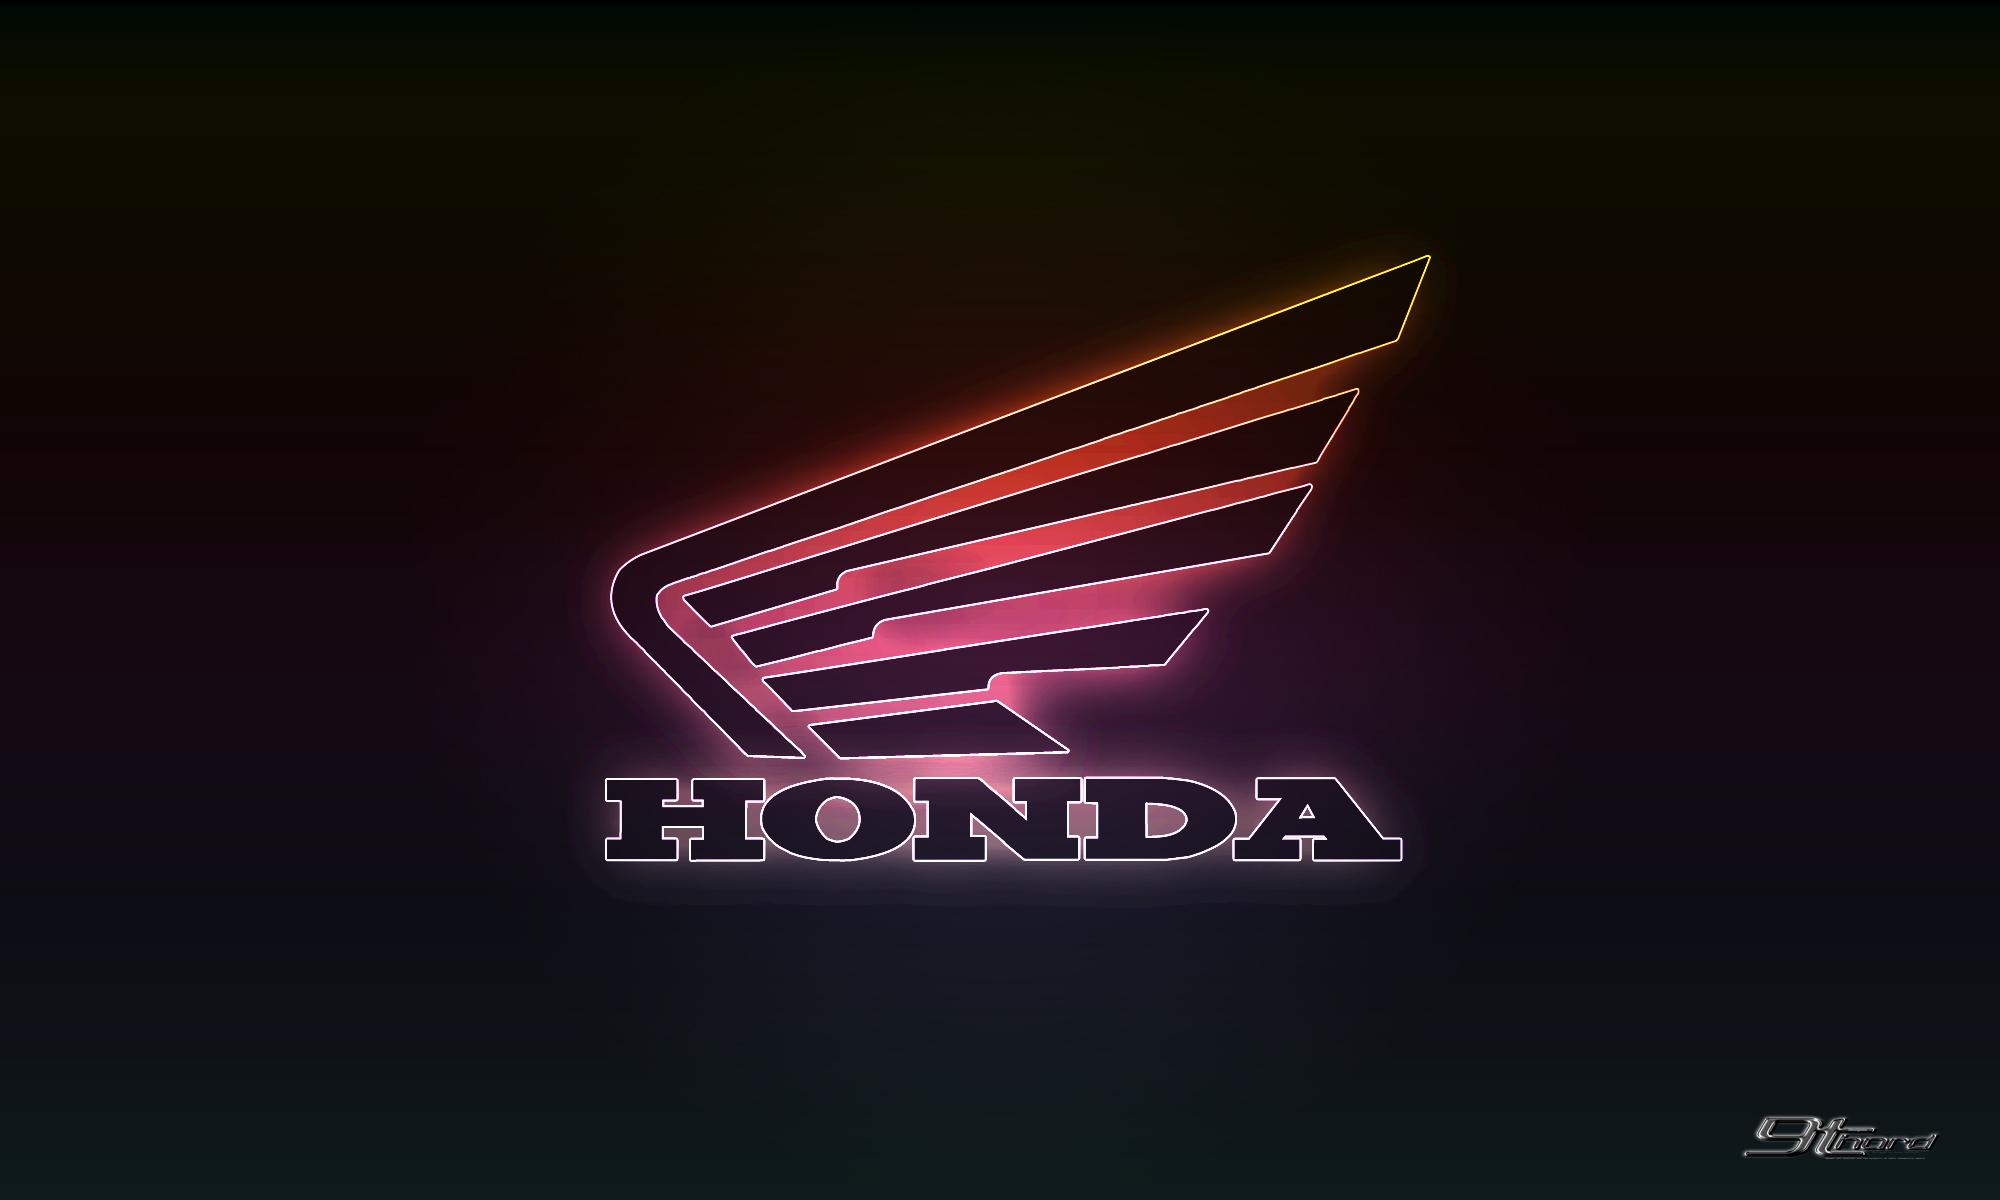 honda logo wallpaper Item 1 Vector Magz Download Vector 2000x1200